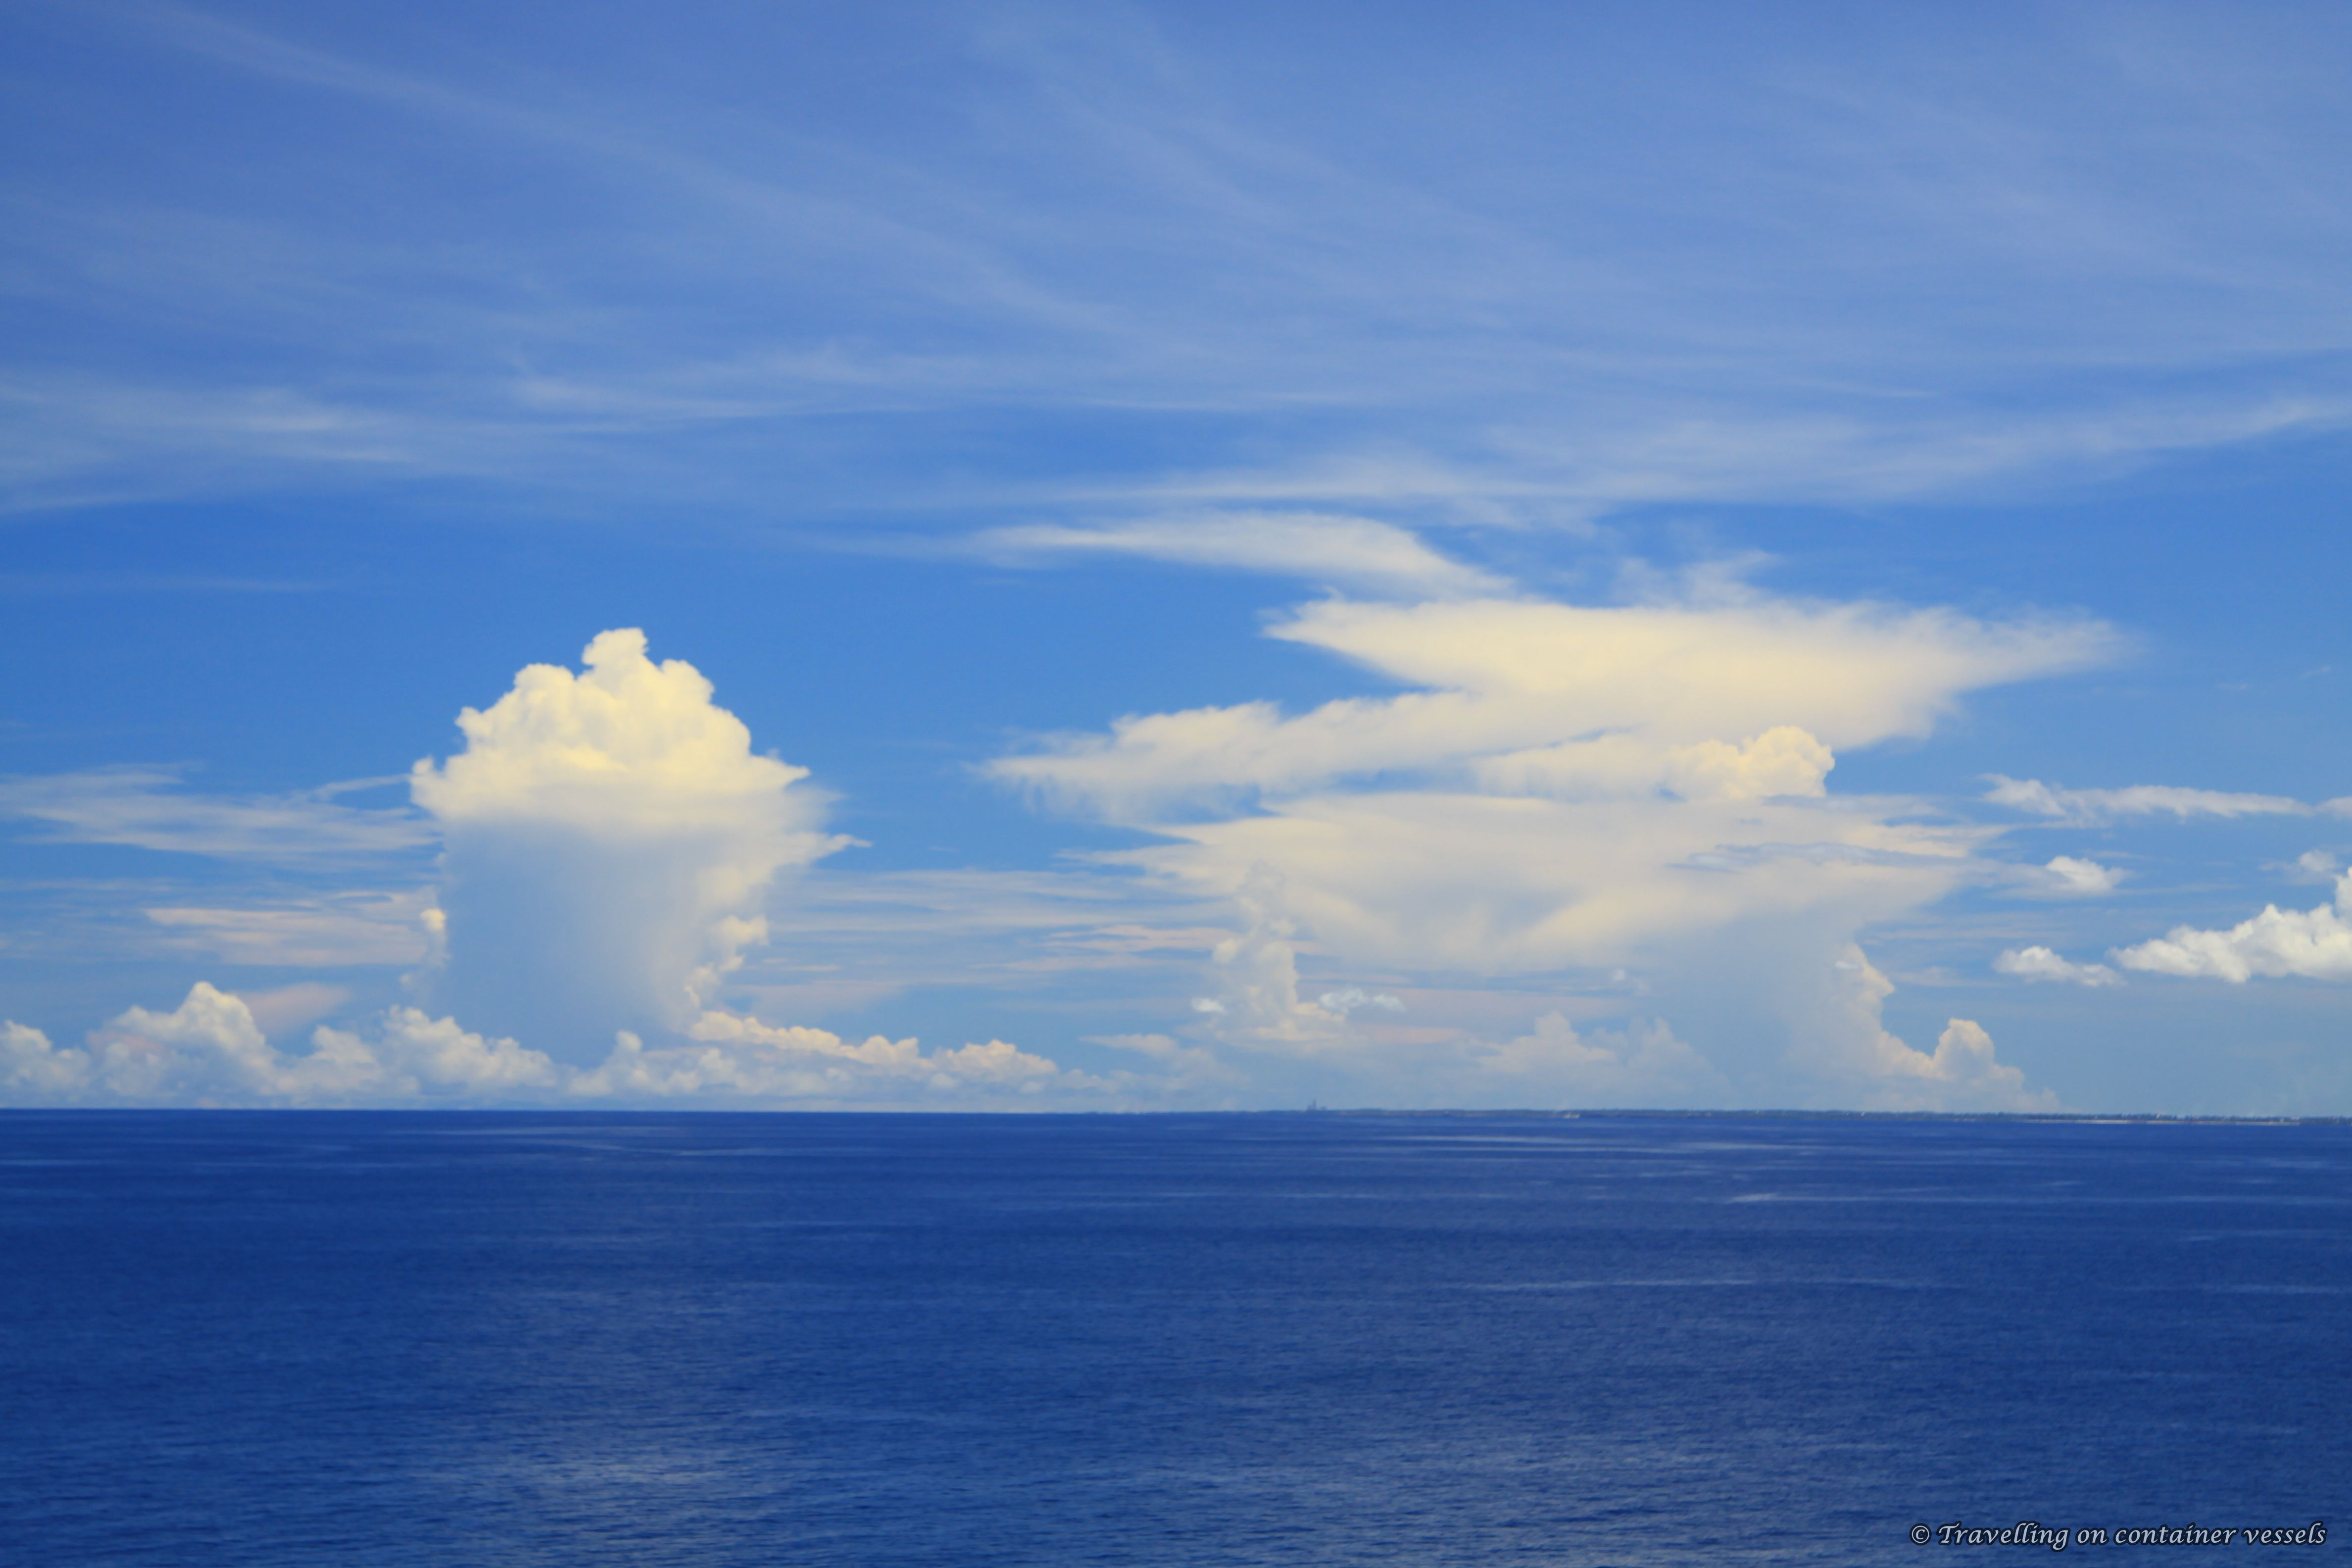 A day adrift